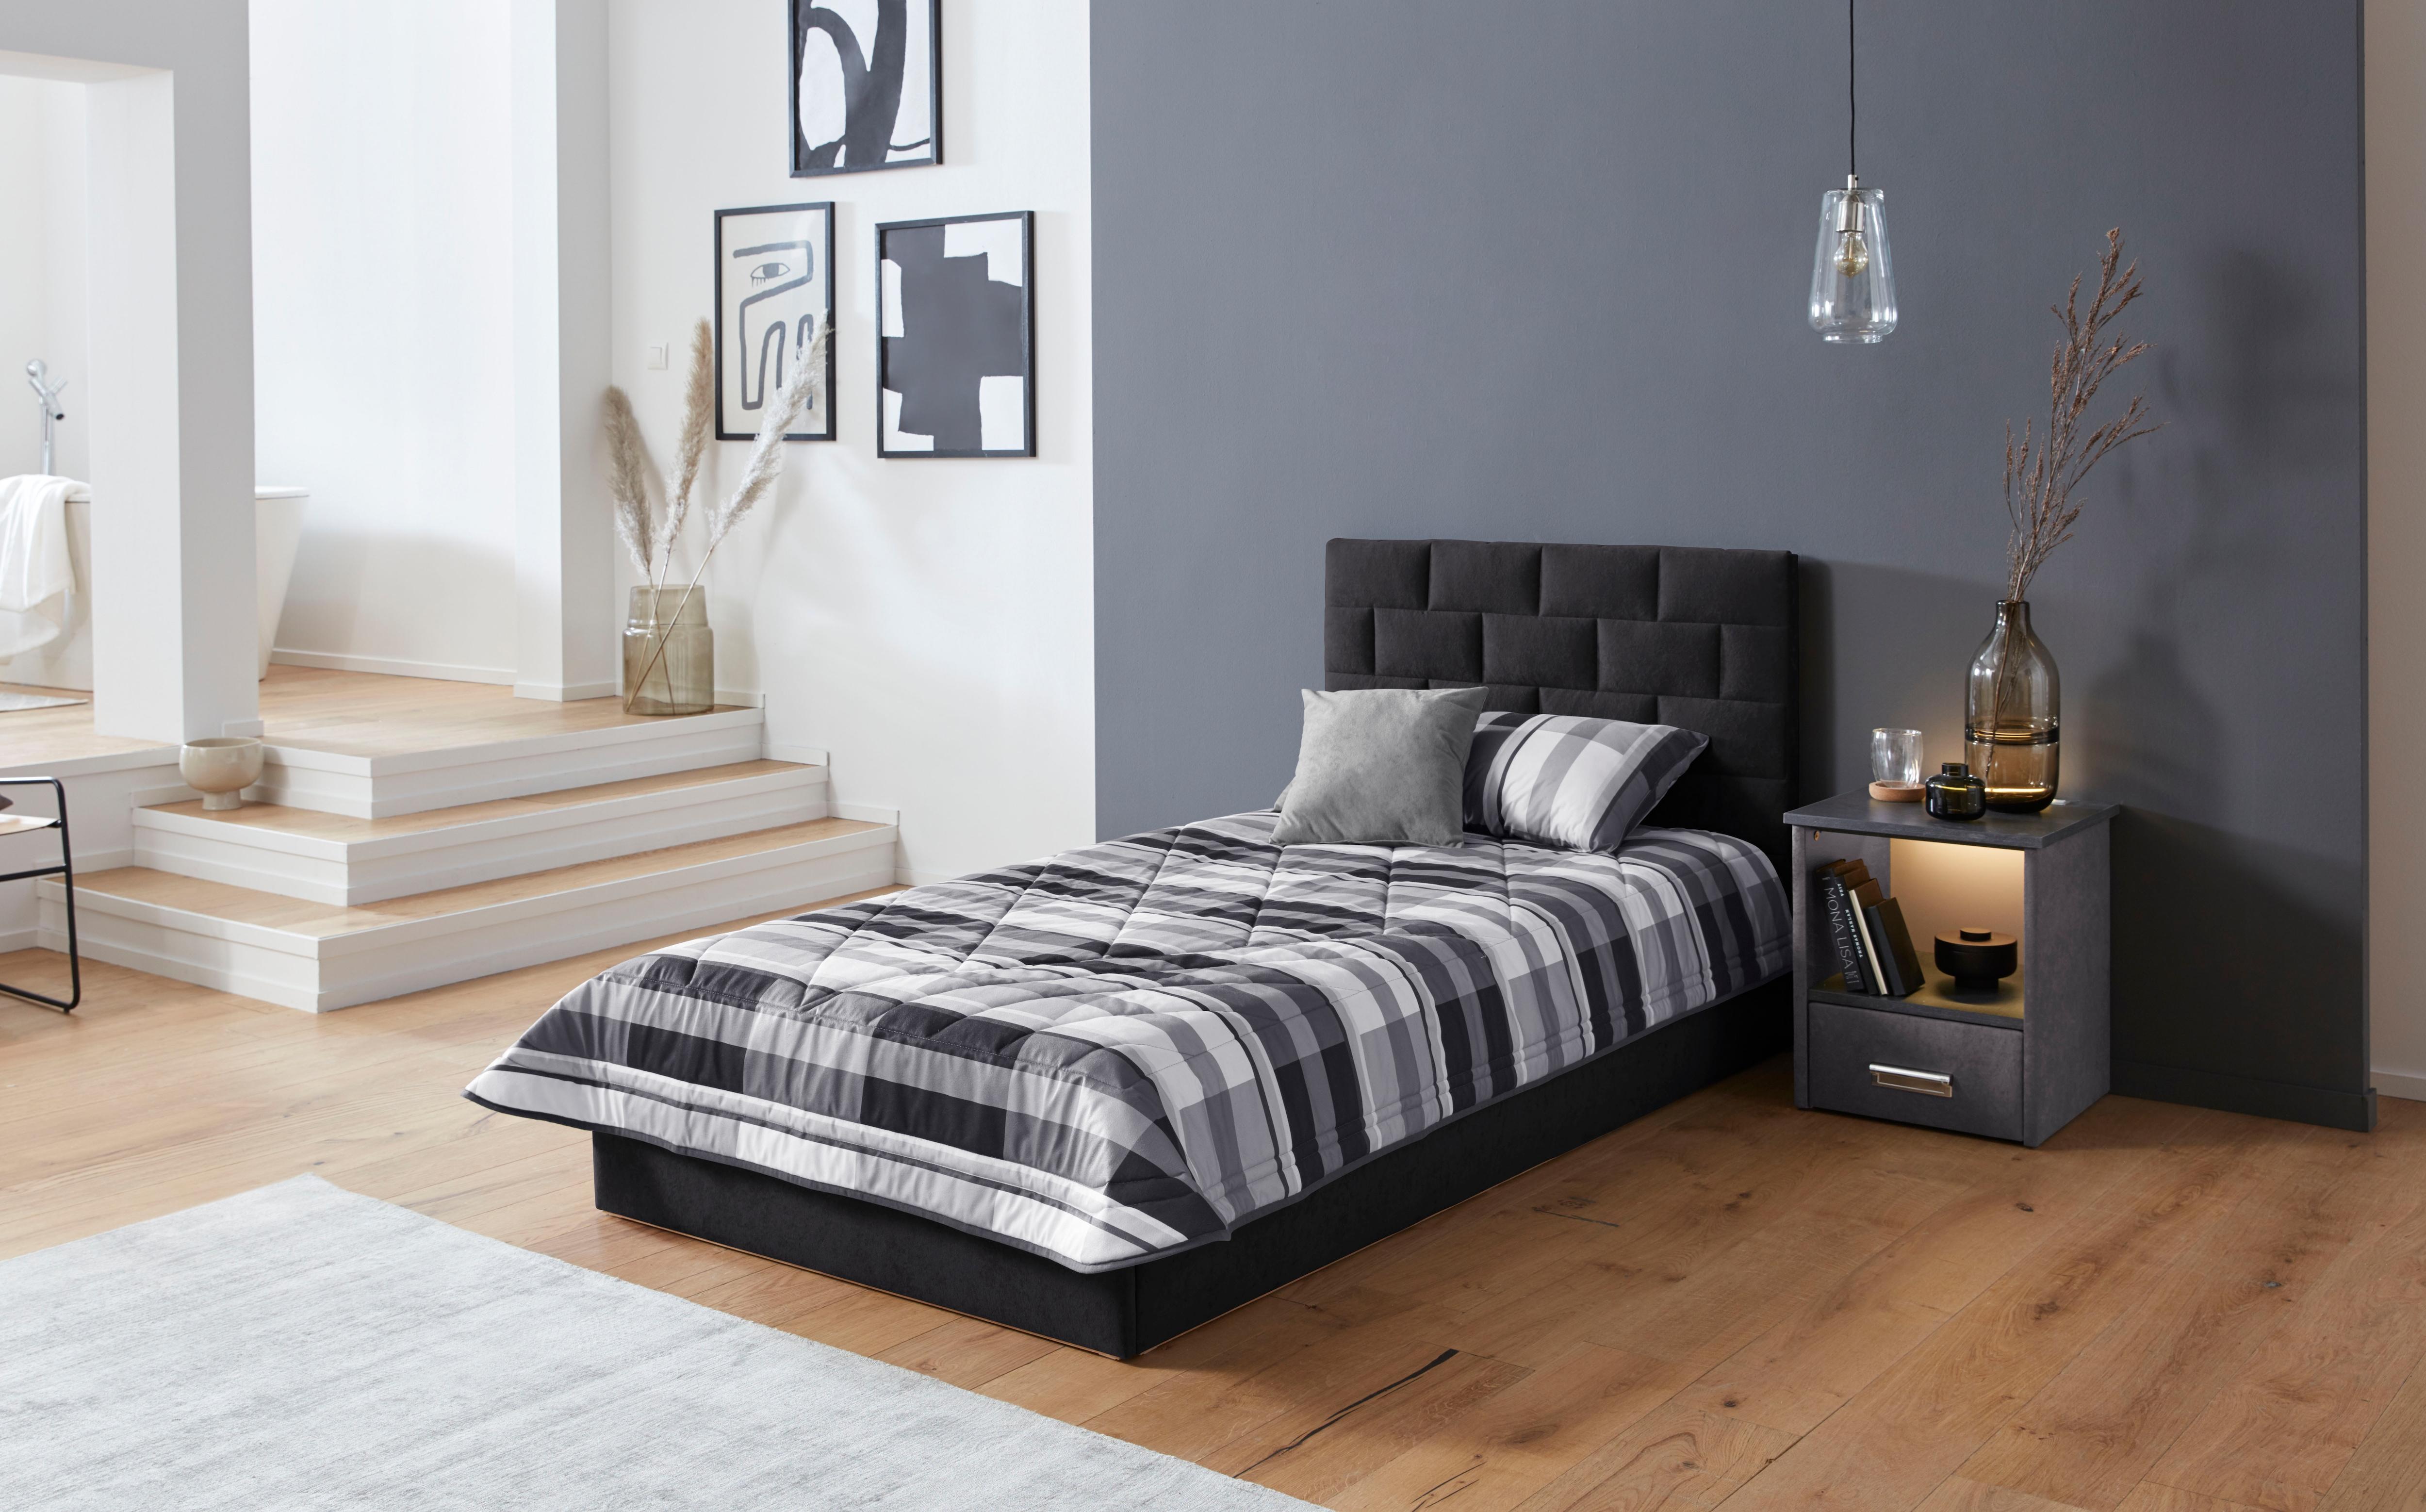 Westfalia Schlafkomfort Polsterbett, inkl. Bettkasten bei Ausführung mit Ma günstig online kaufen